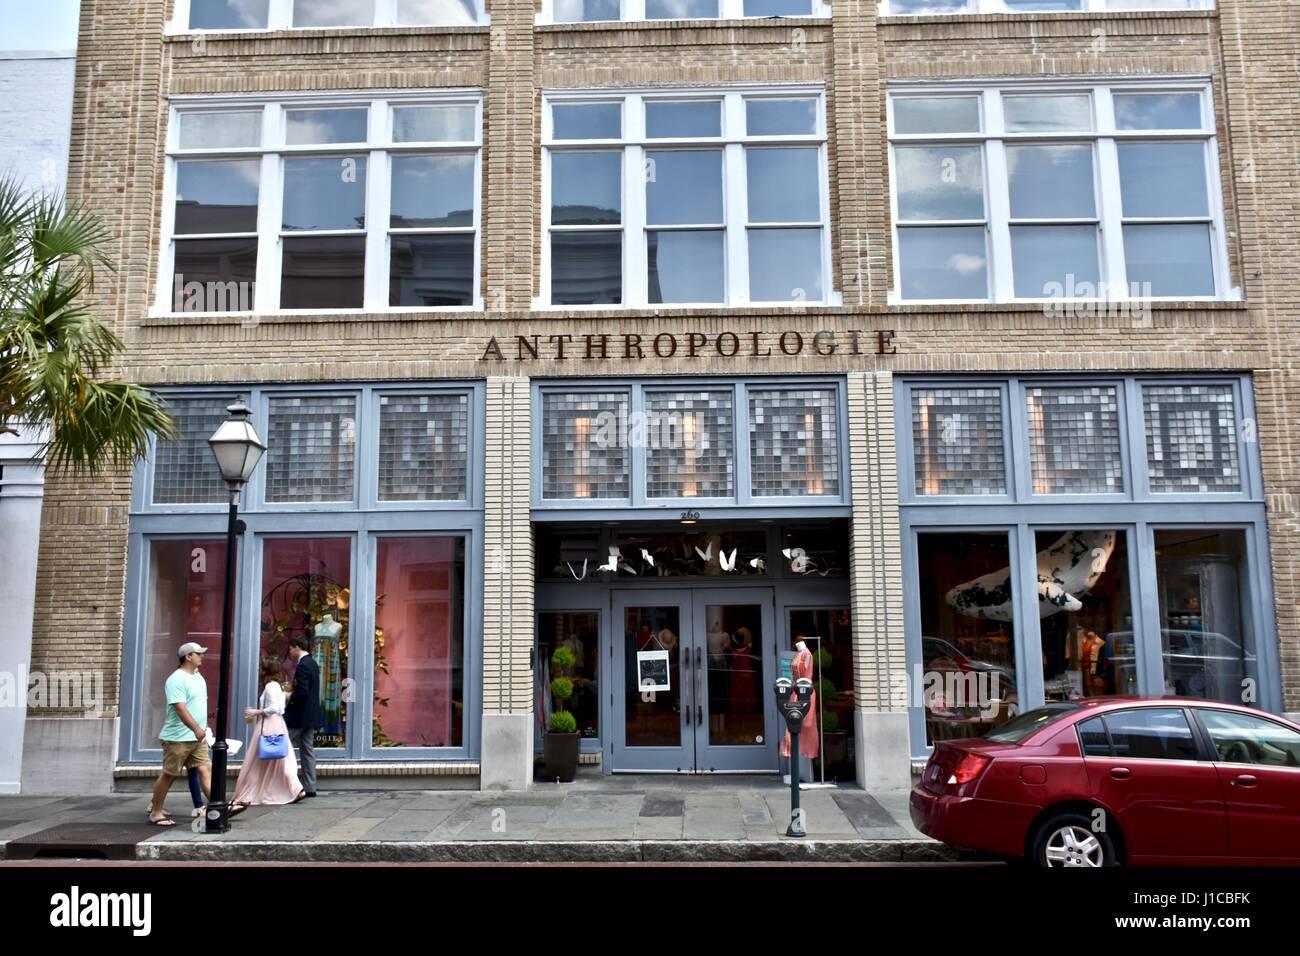 https://c8.alamy.com/comp/J1CBFK/anthropologie-store-in-charleston-south-carolina-J1CBFK.jpg